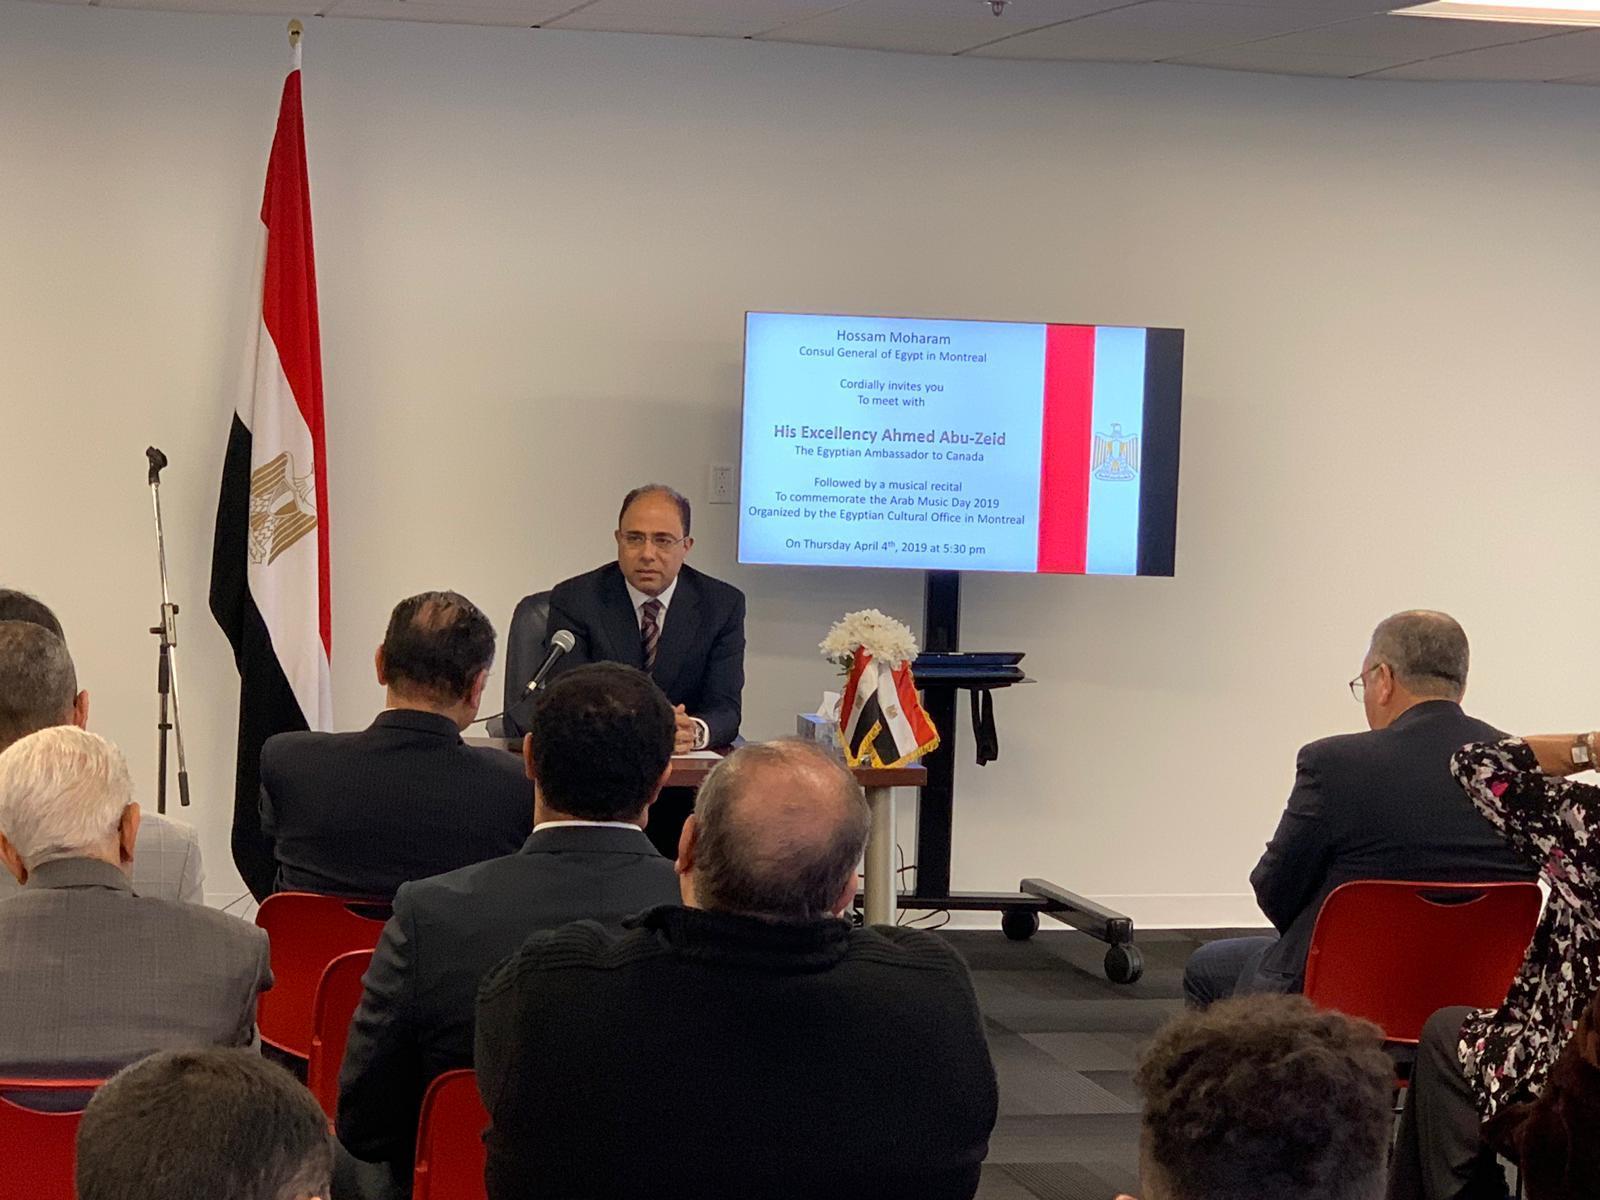 سفير مصر في كندا يعقد لقاءا موسعاً مع رموز الجالية في مدينة مونتريال